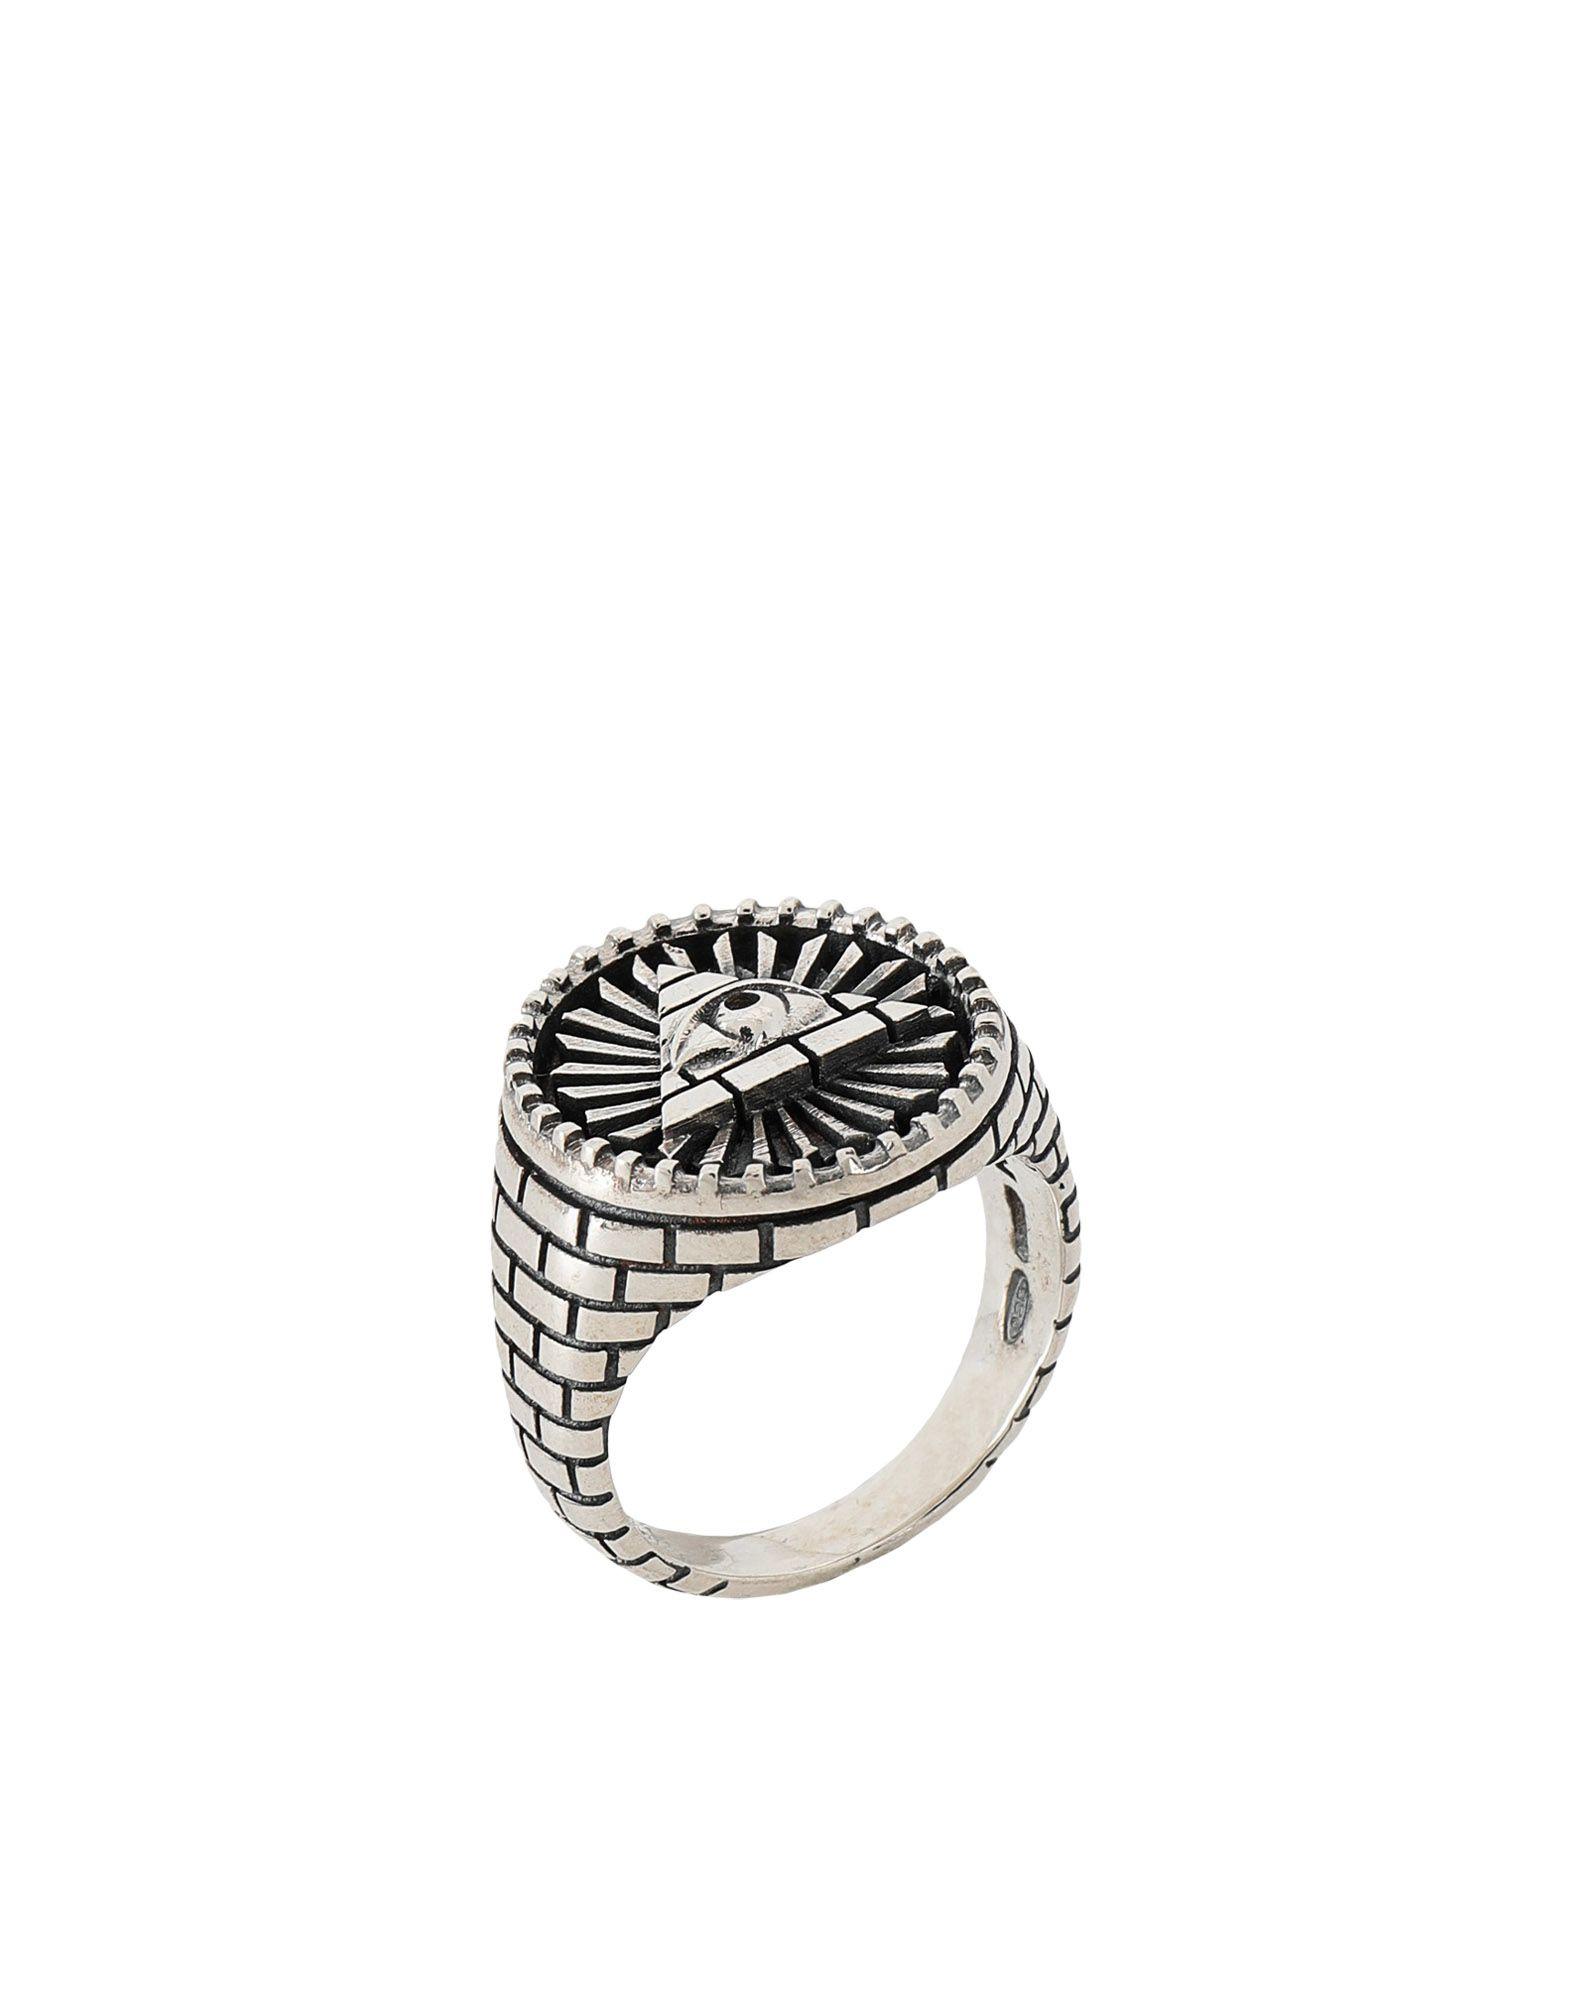 《期間限定 セール開催中》NOVE25 メンズ 指輪 シルバー 15 シルバー925/1000 ALL-SEEING EYE SIGNET RING